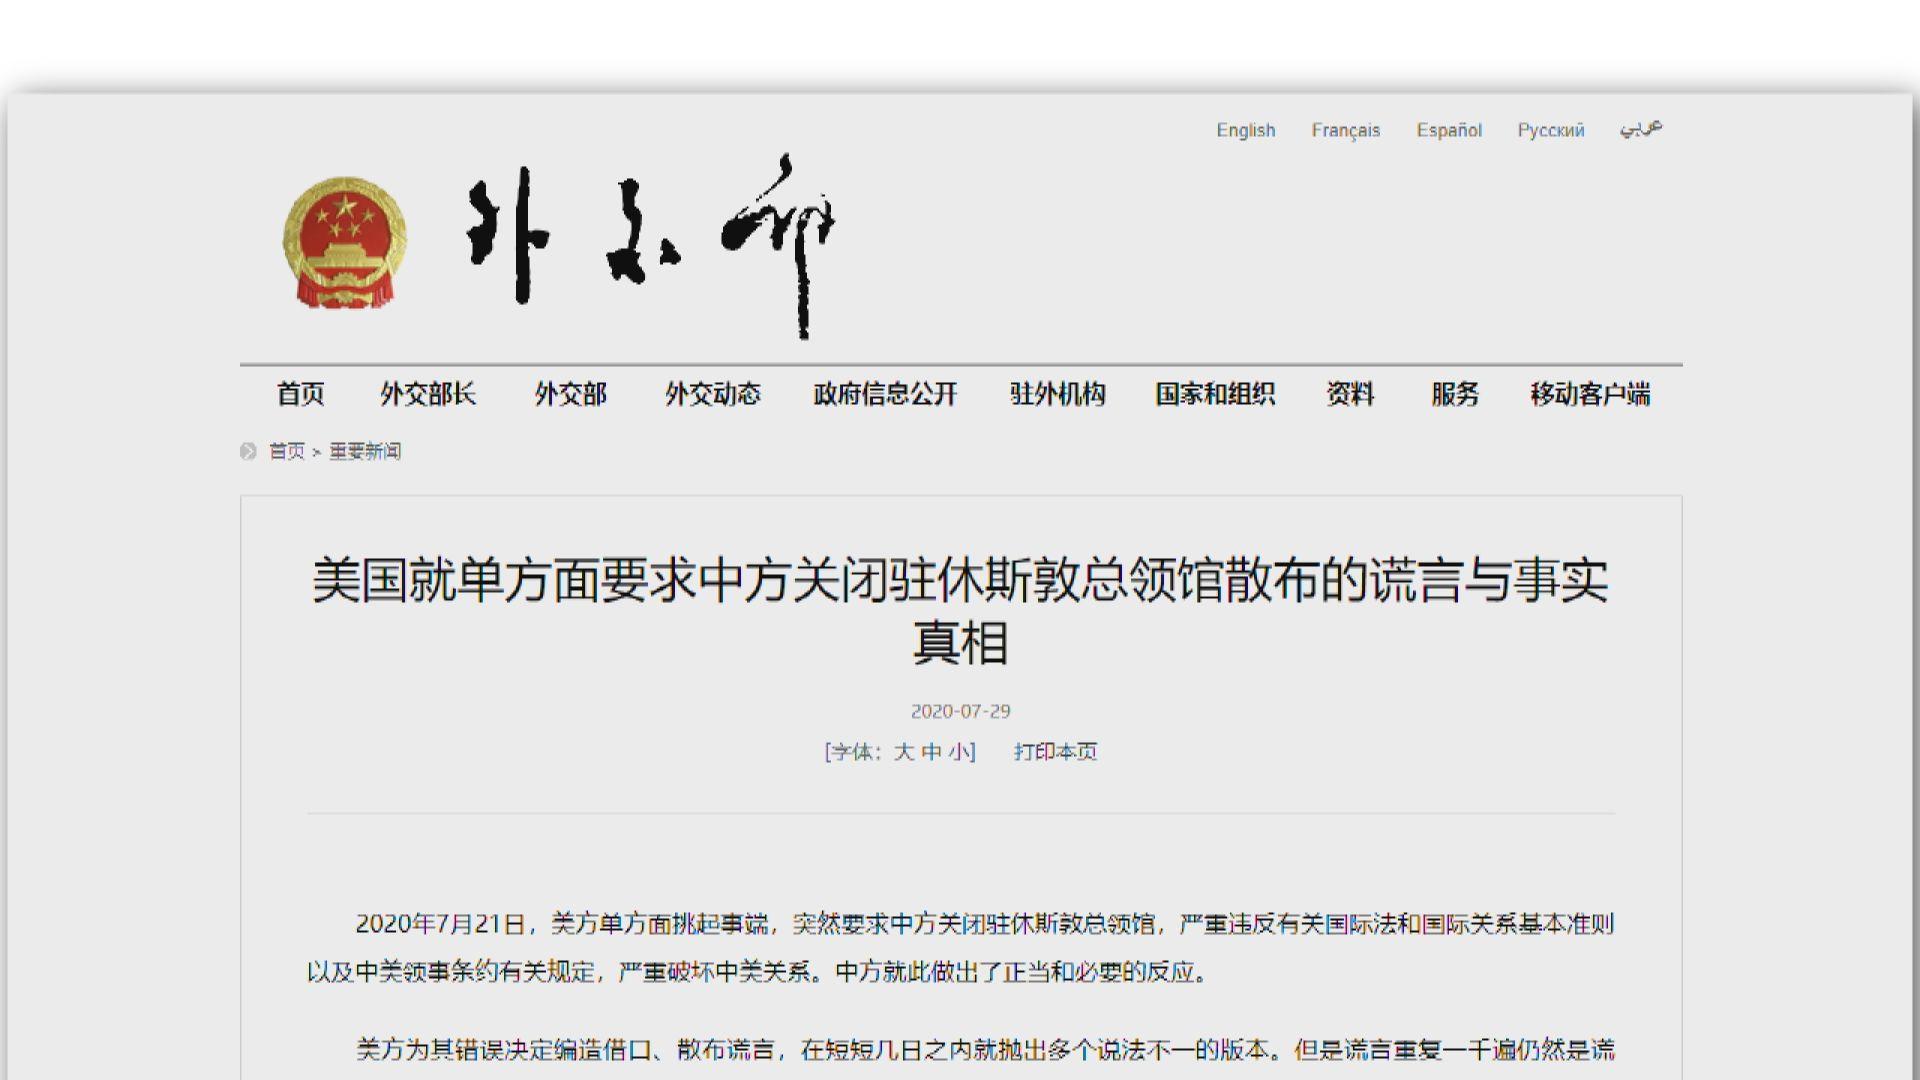 外交部文章反駁美國對華指控